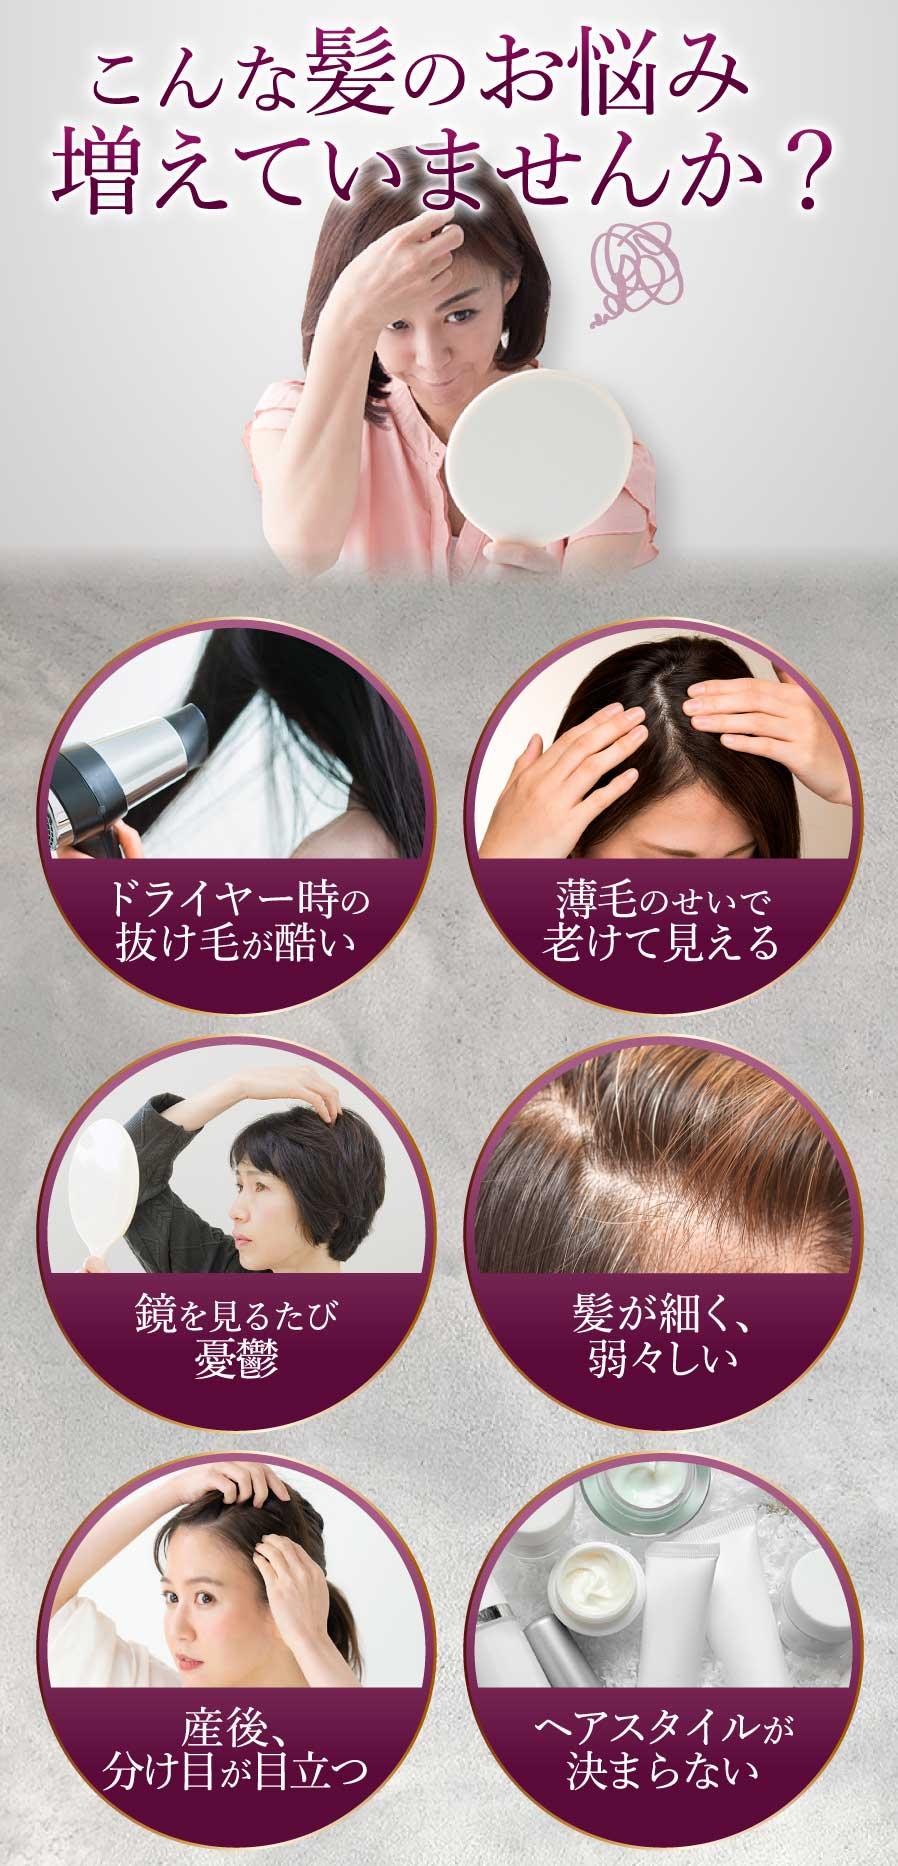 こんな髪のお悩み増えてませんか?